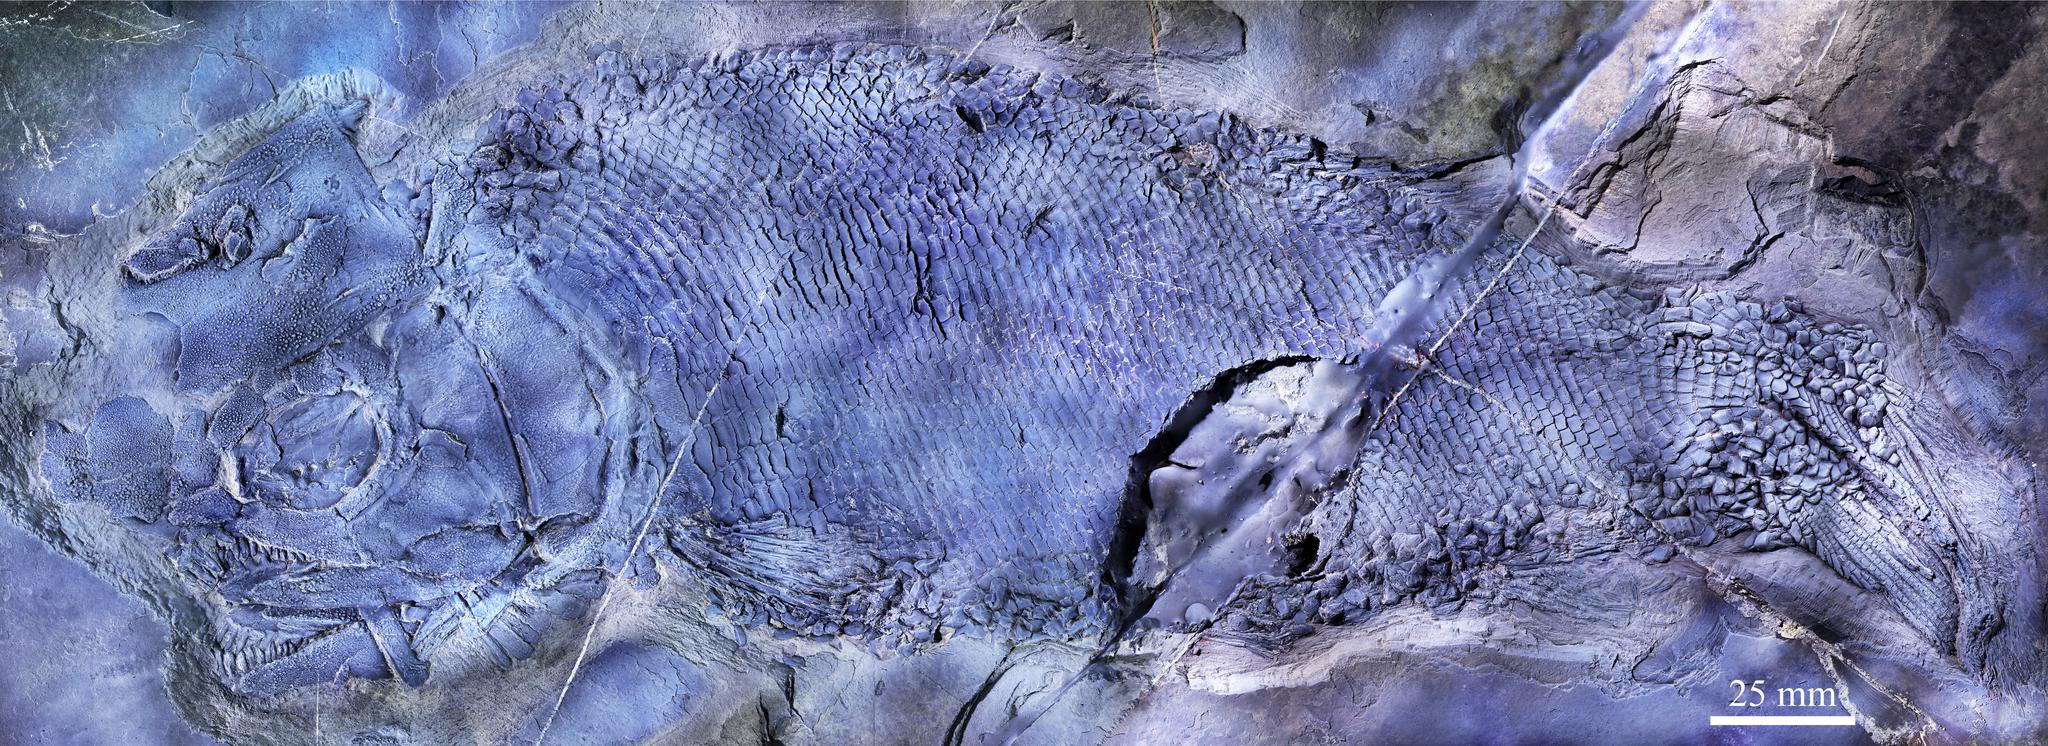 云南罗平首现云南暴鱼化石,见证三叠纪海洋生物复苏图片